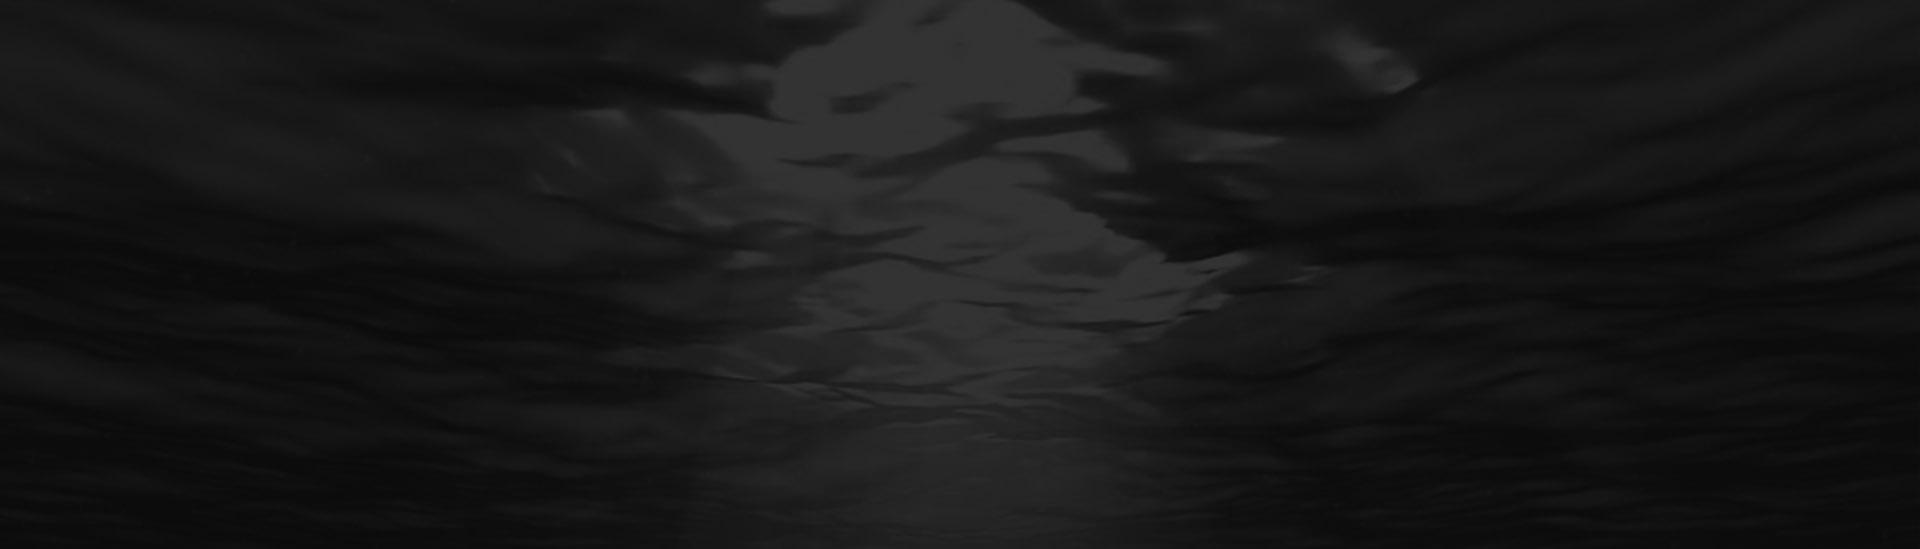 Rybárna-Fischerei